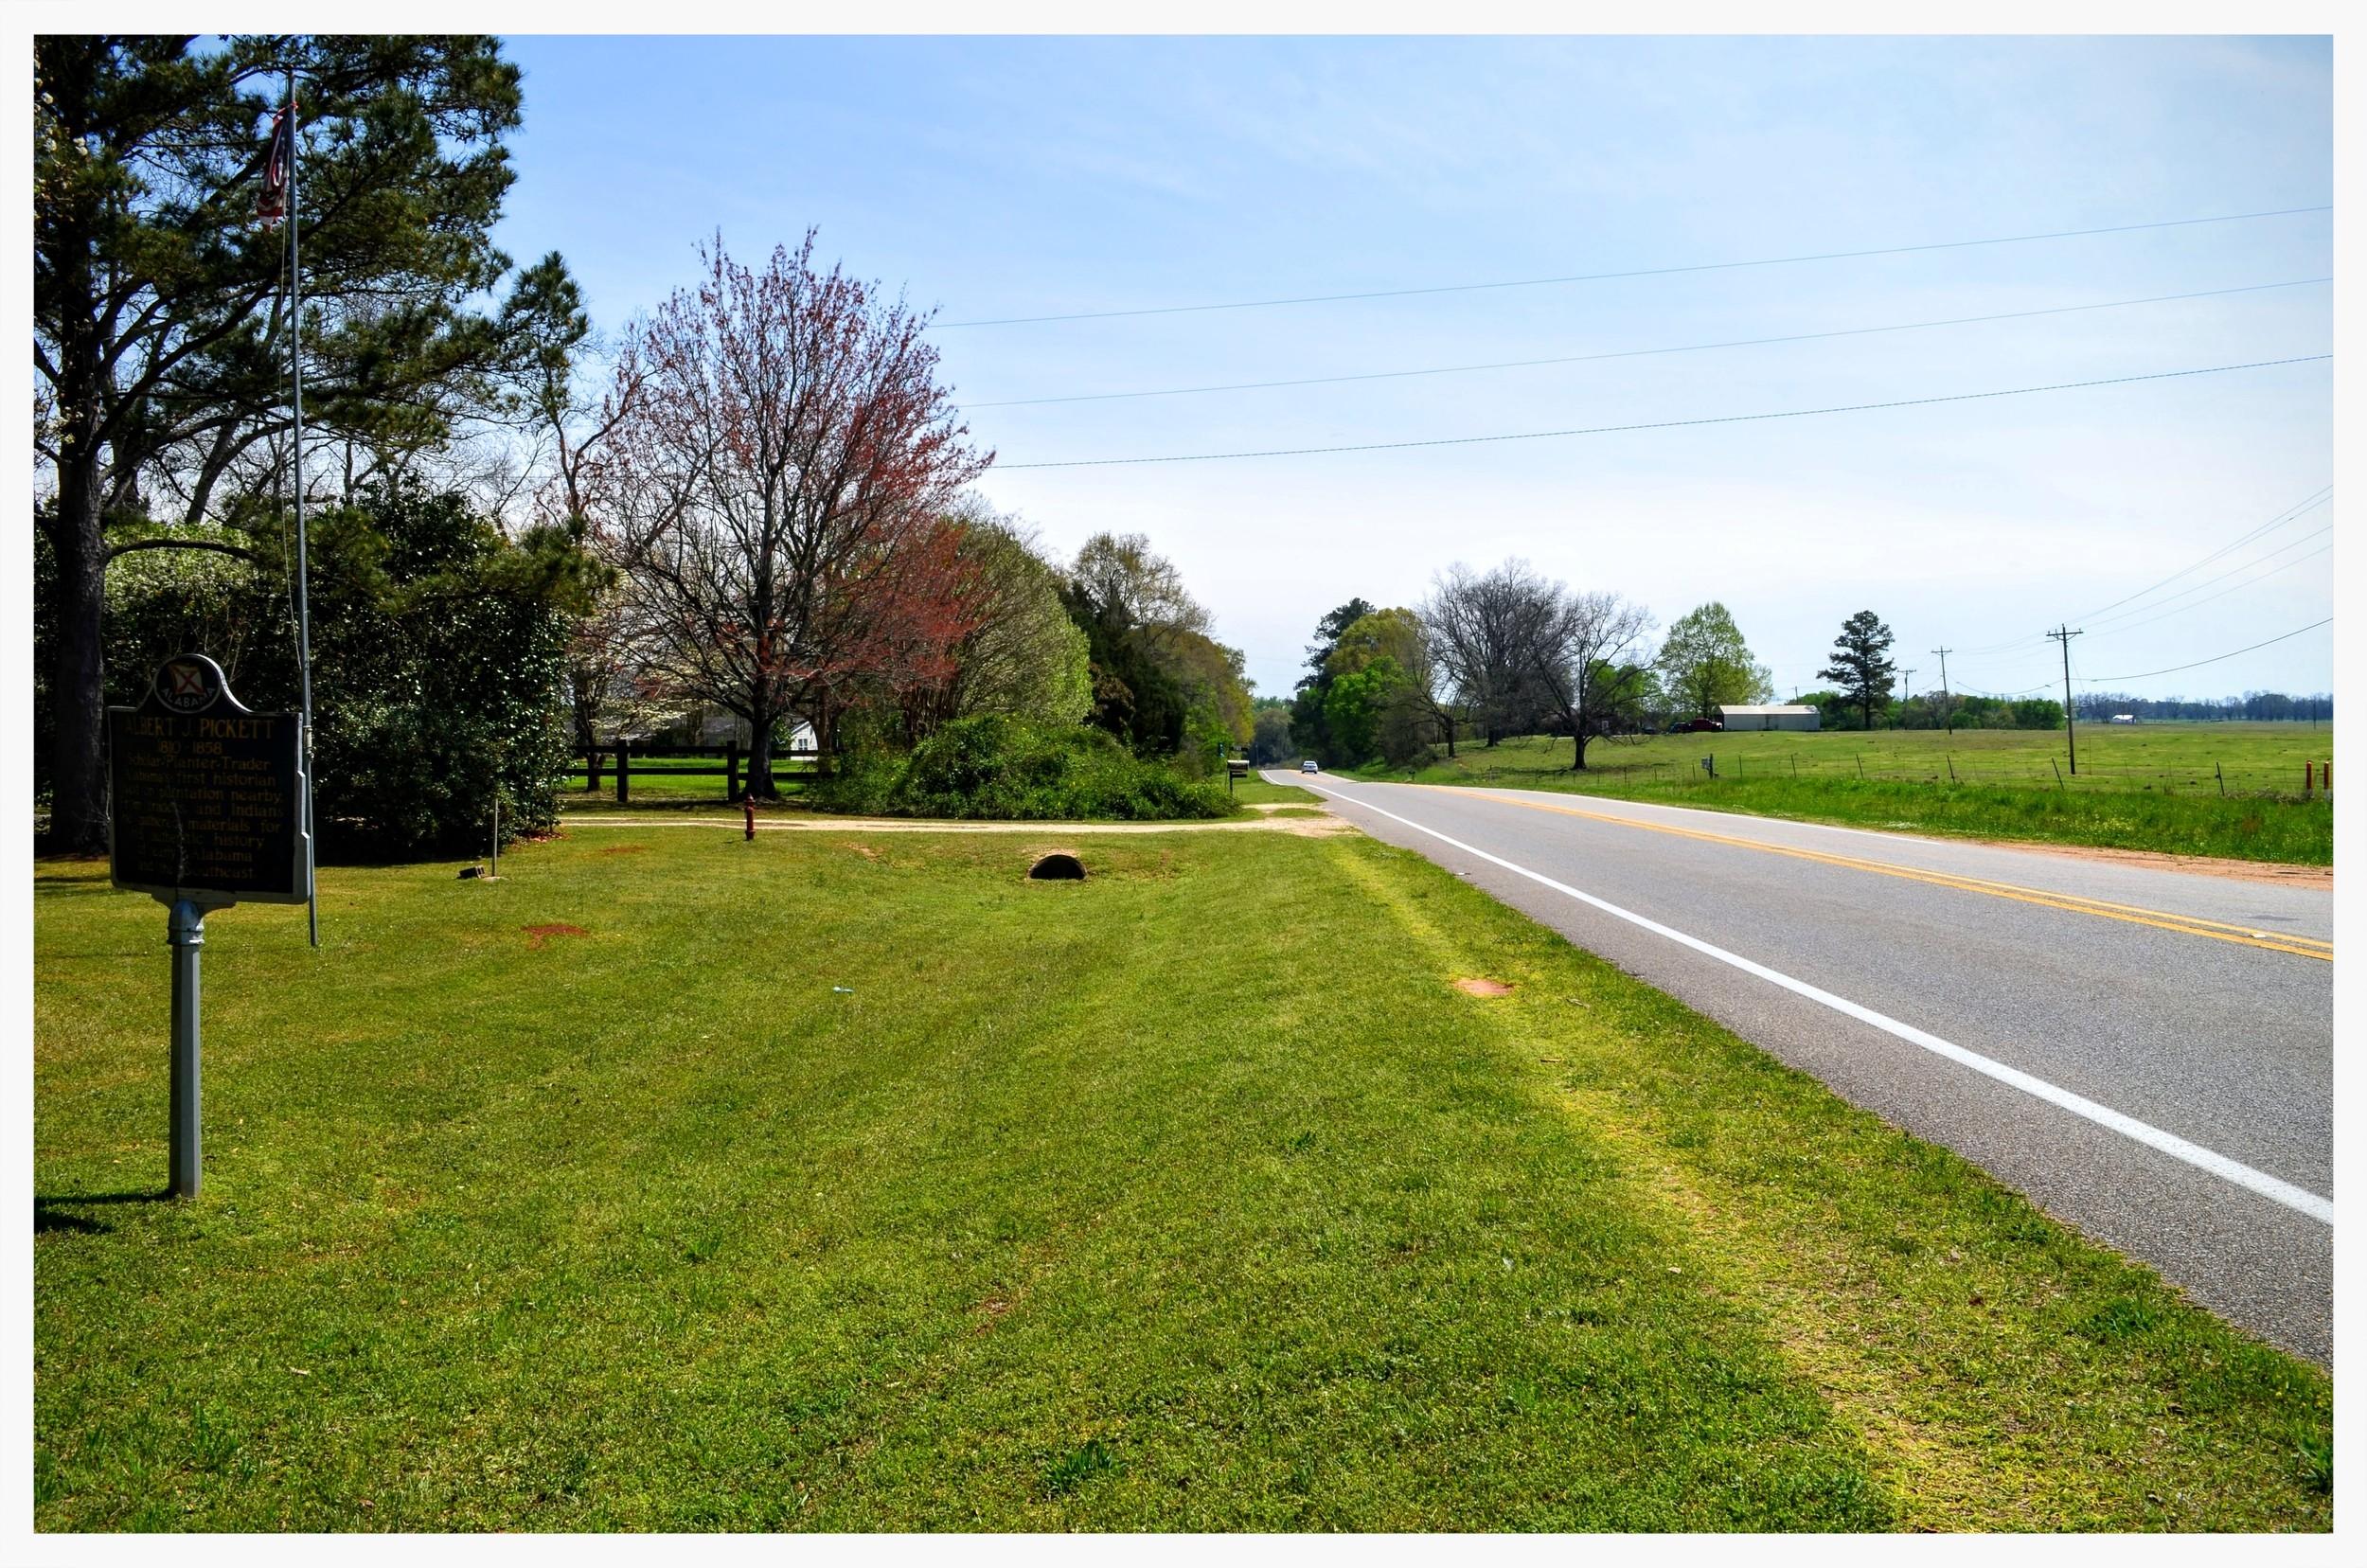 Site of Albert J. Pickett historical marker, Autaugaville, Autauga County, Alabama